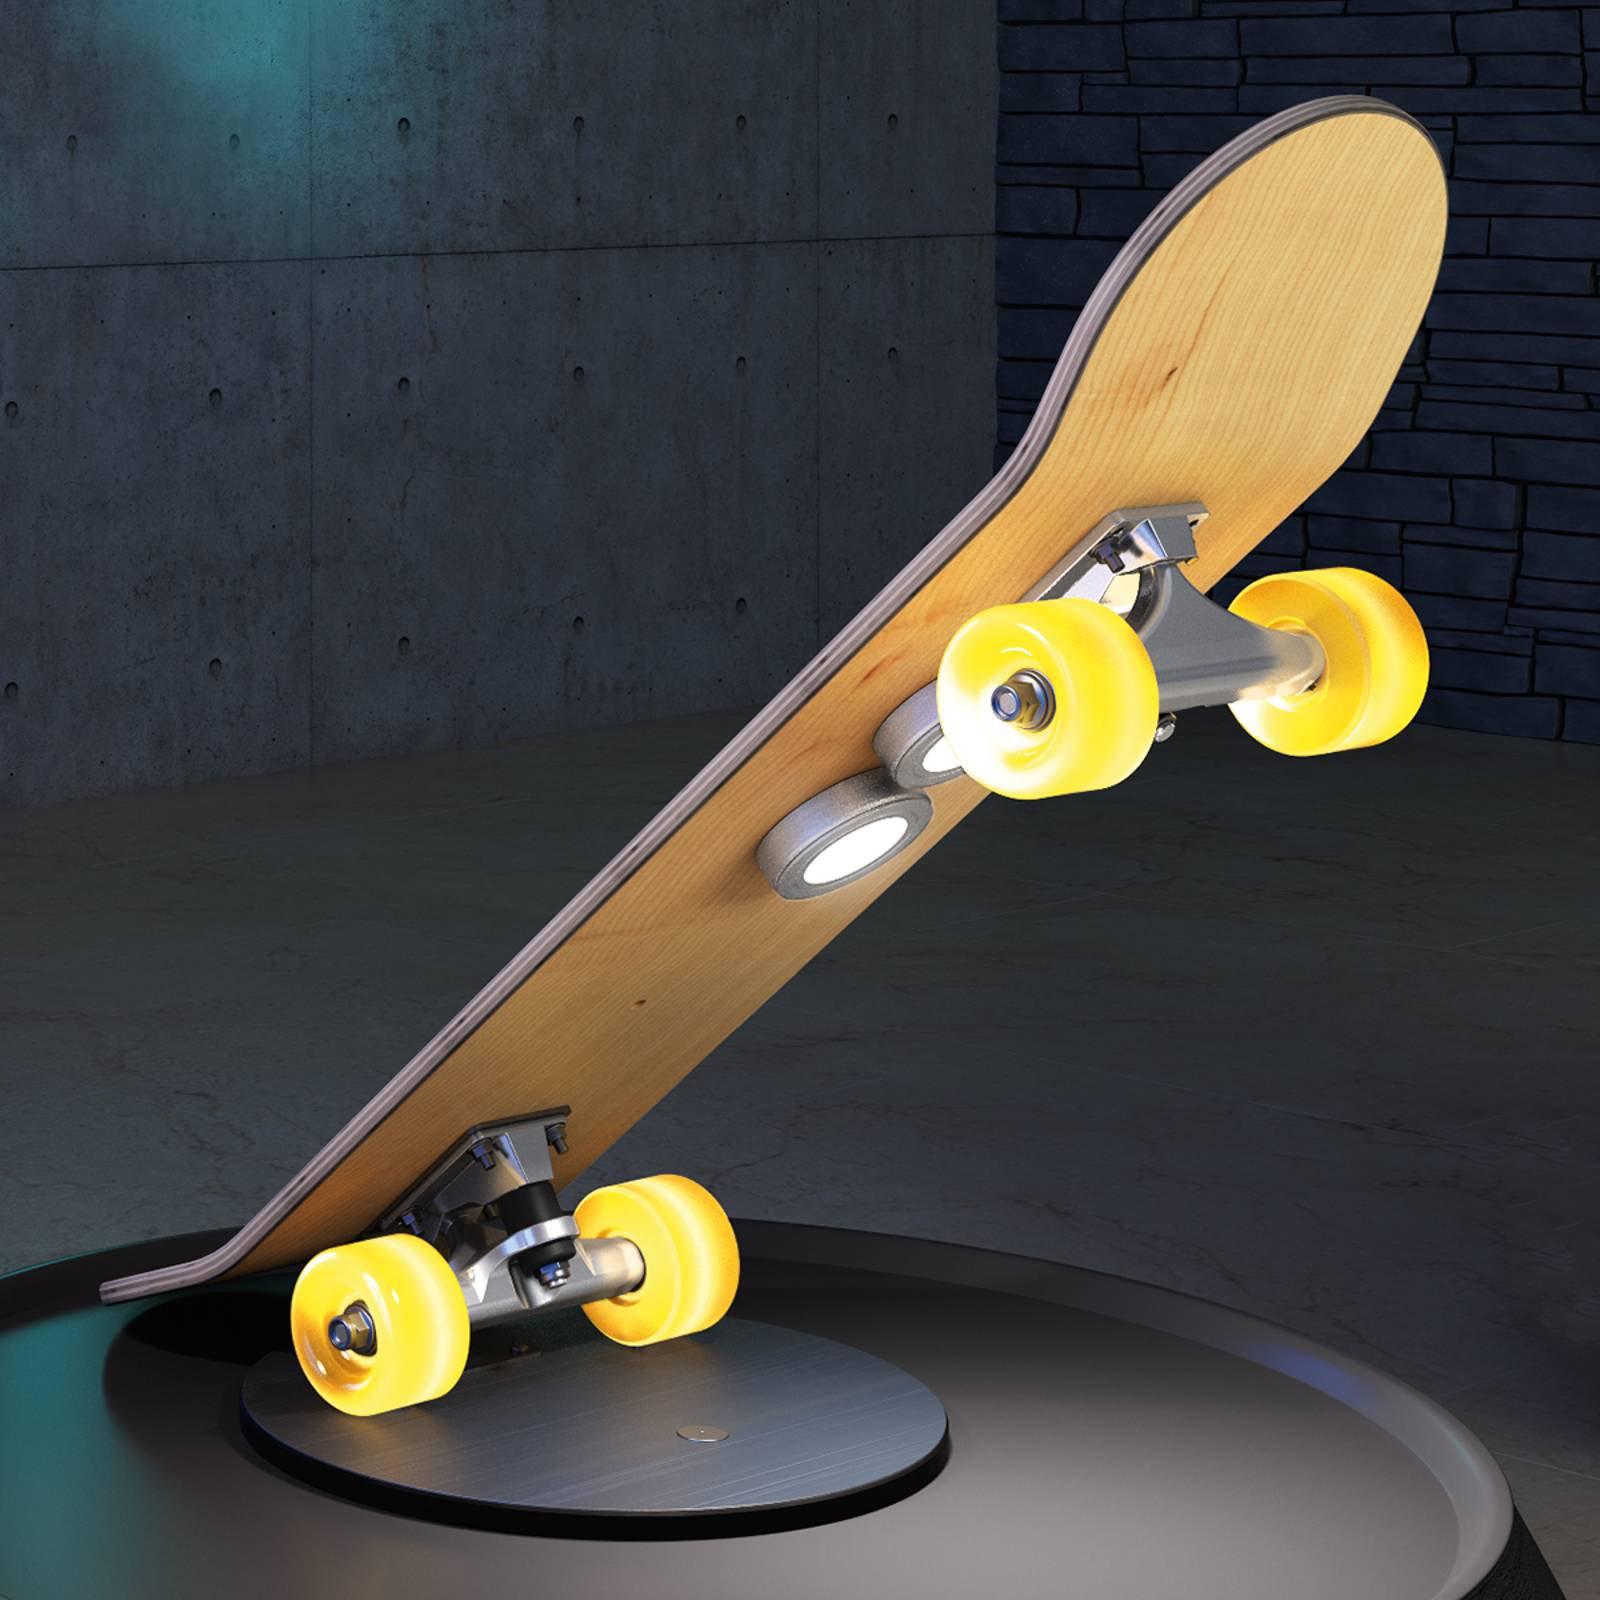 Skateboard-bordlampe Light Cruiser med LED-lys